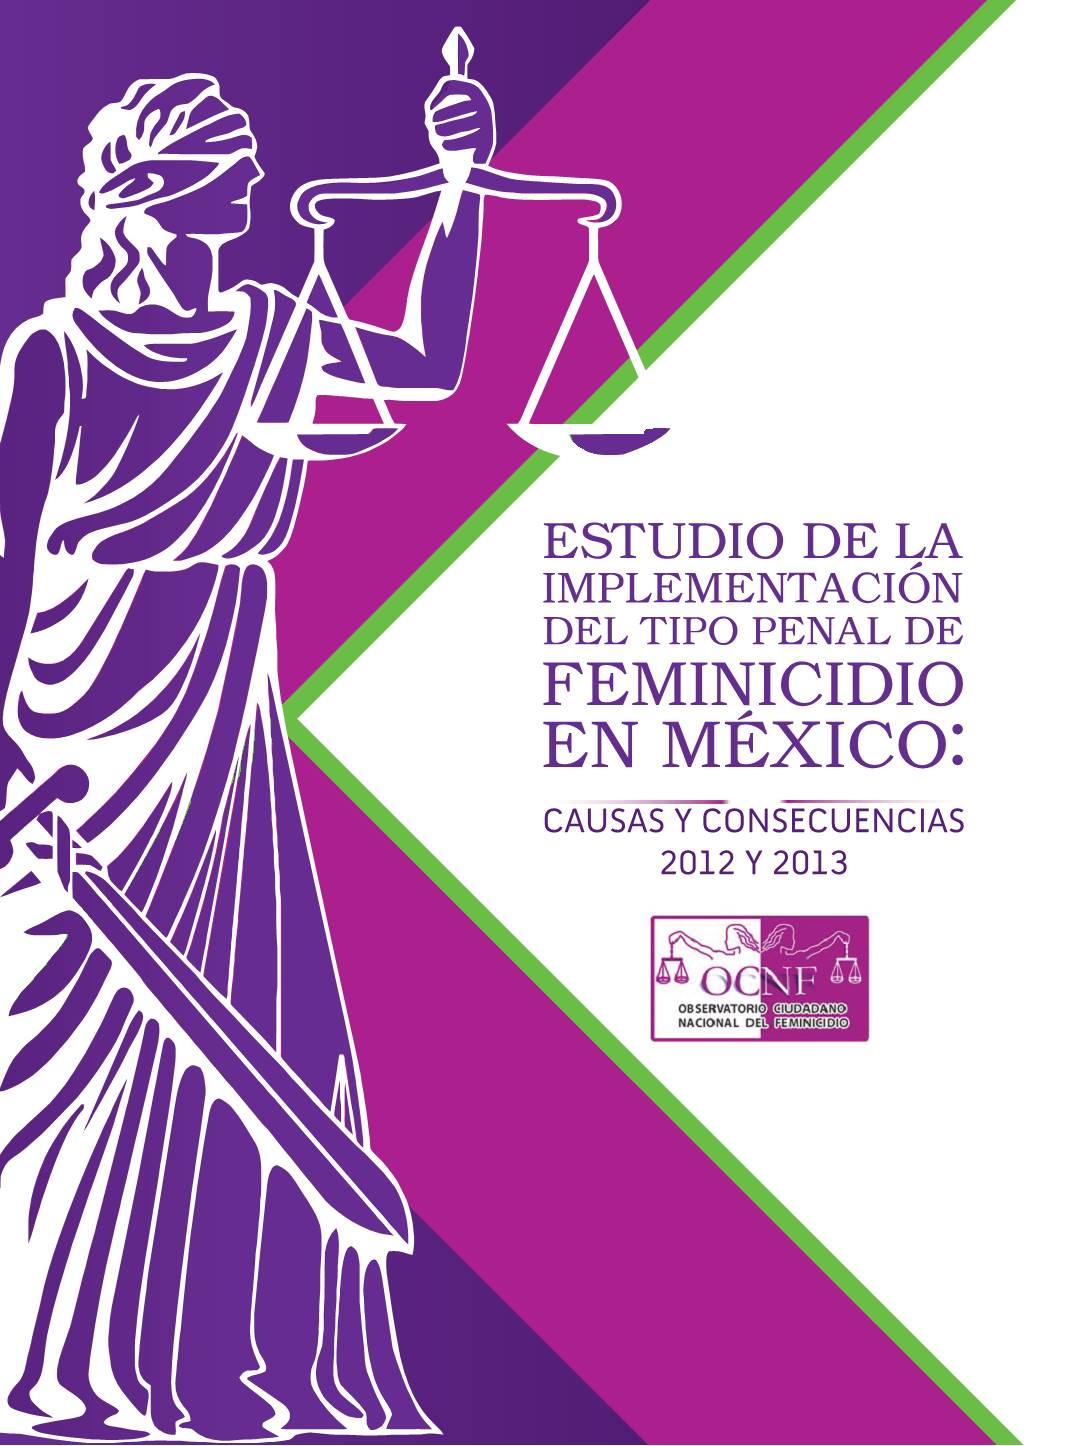 Estudio Implementación del tipo penal Feminicidio en México 2012 y 2013